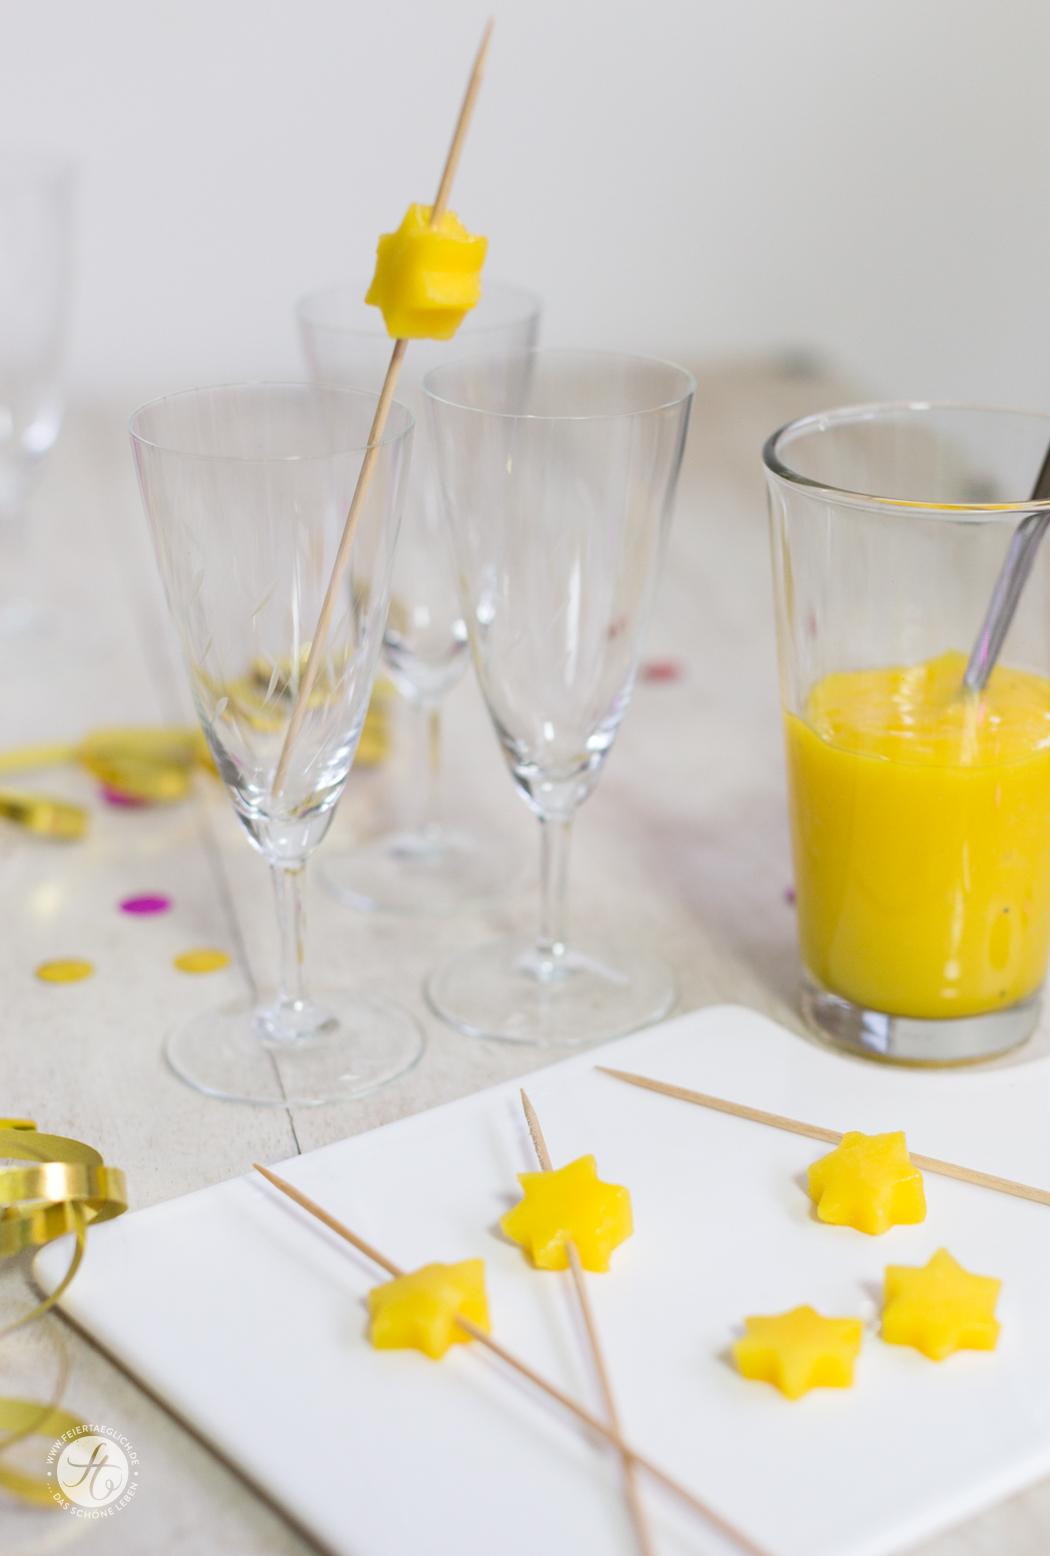 Sparkling Mango-Maracuja – Mango-Maracuja Püree mit Sekt und Mango-Spiess, Rezept für ein leckeren Drink/Aperitif, Zubereitung